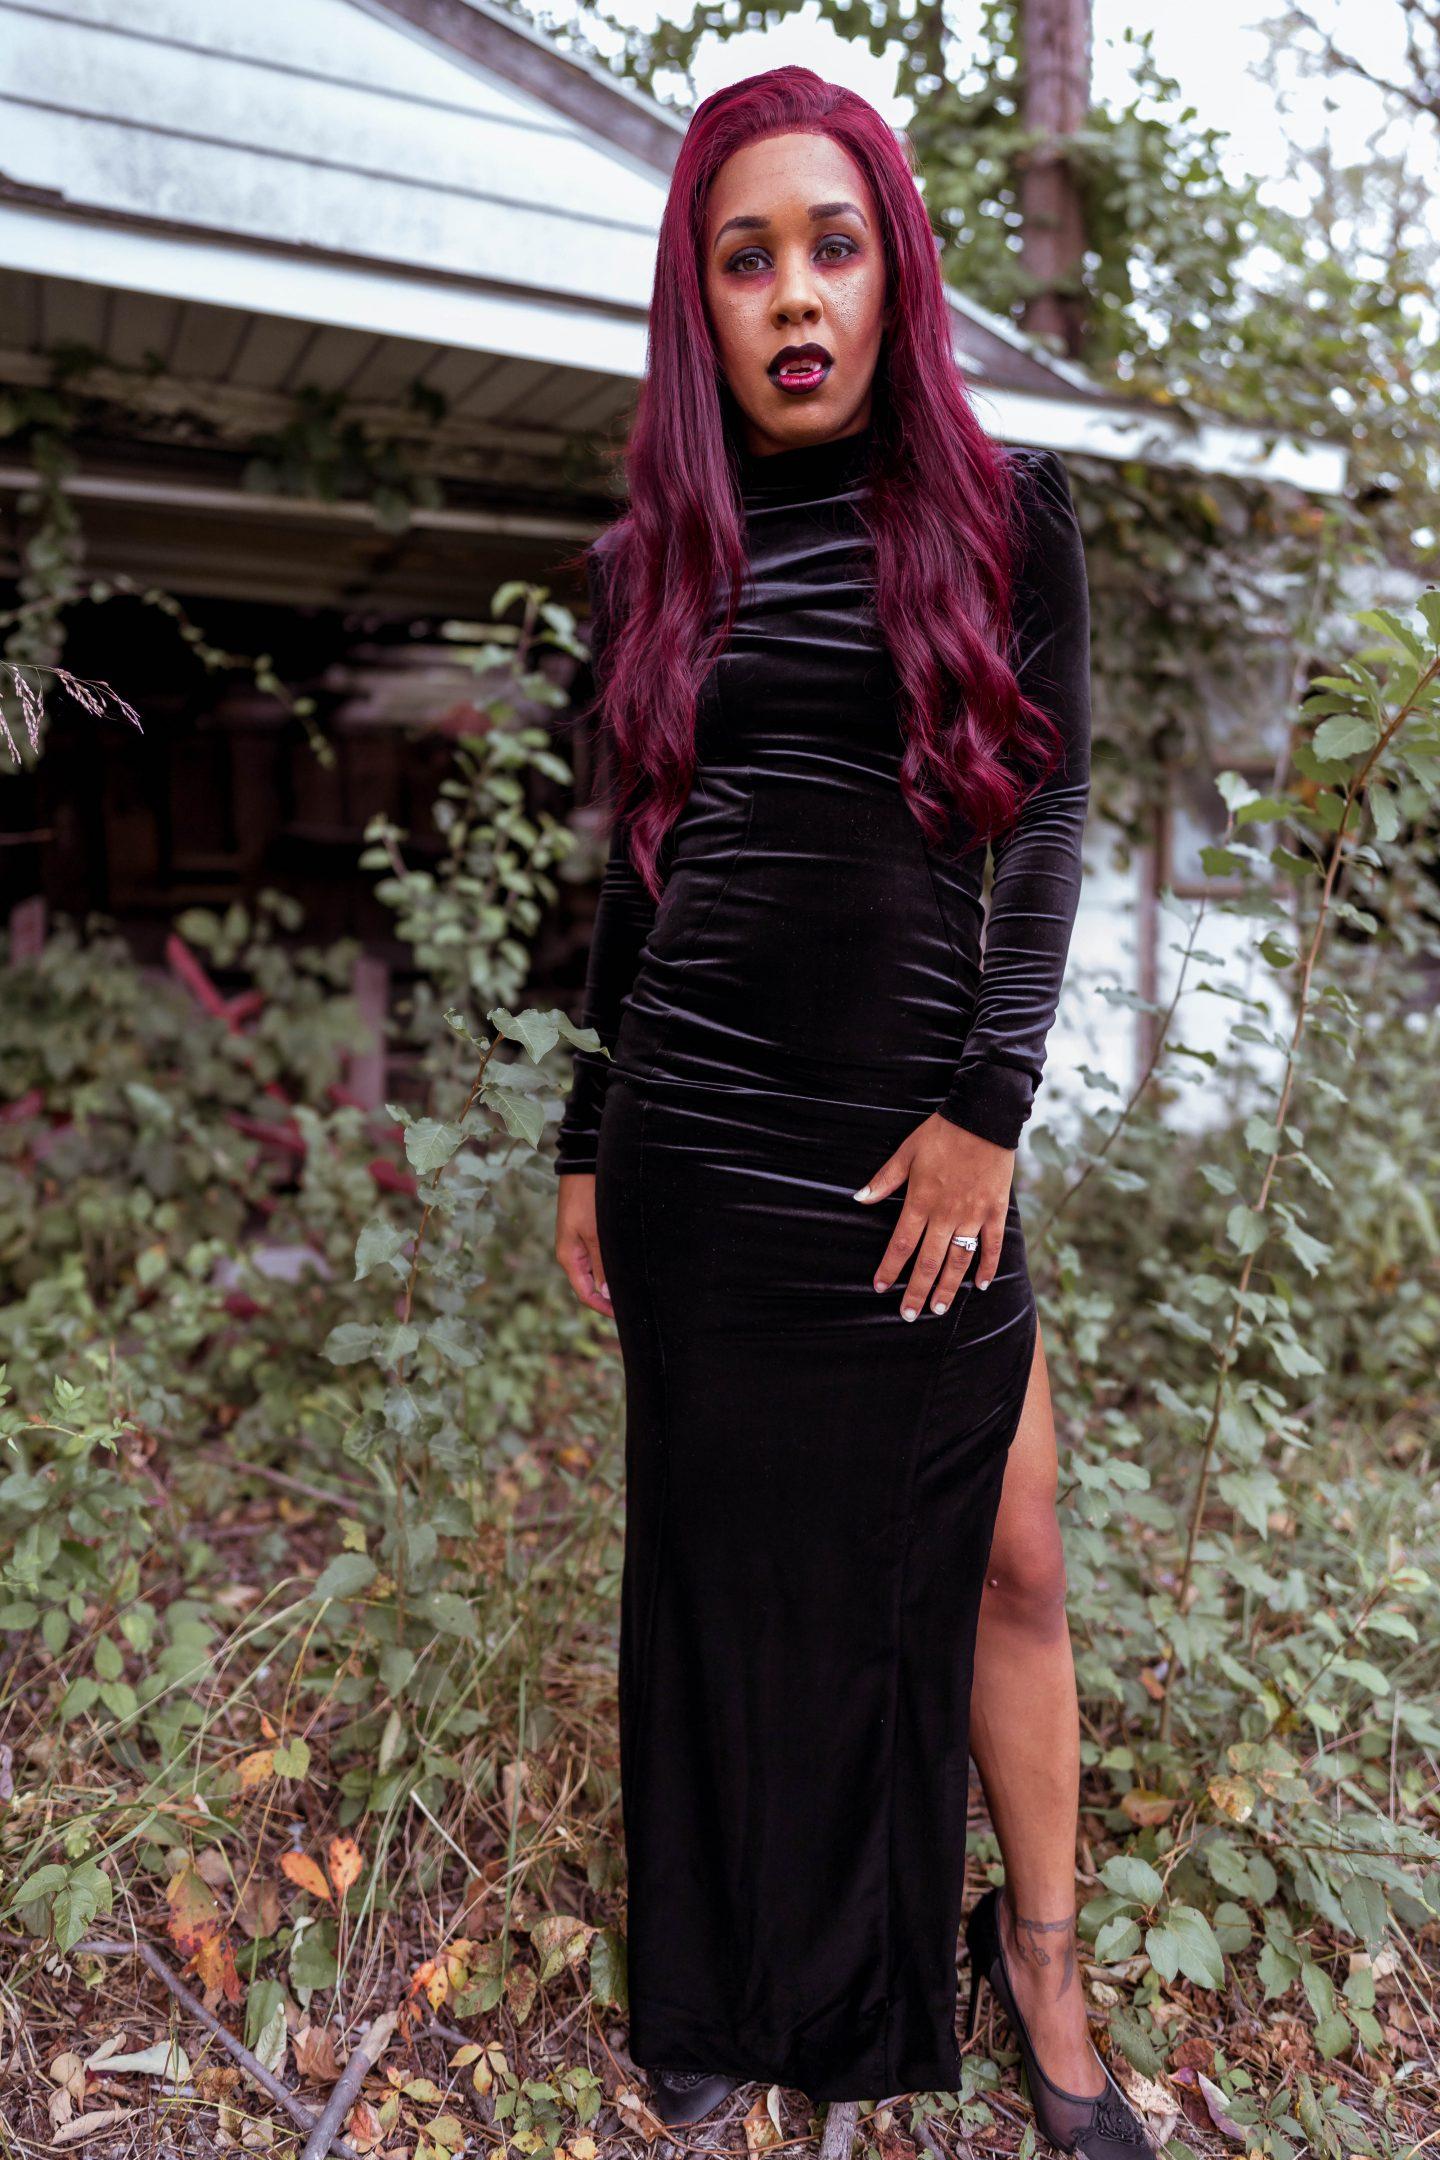 livinglesh fashion vampire halloween costume